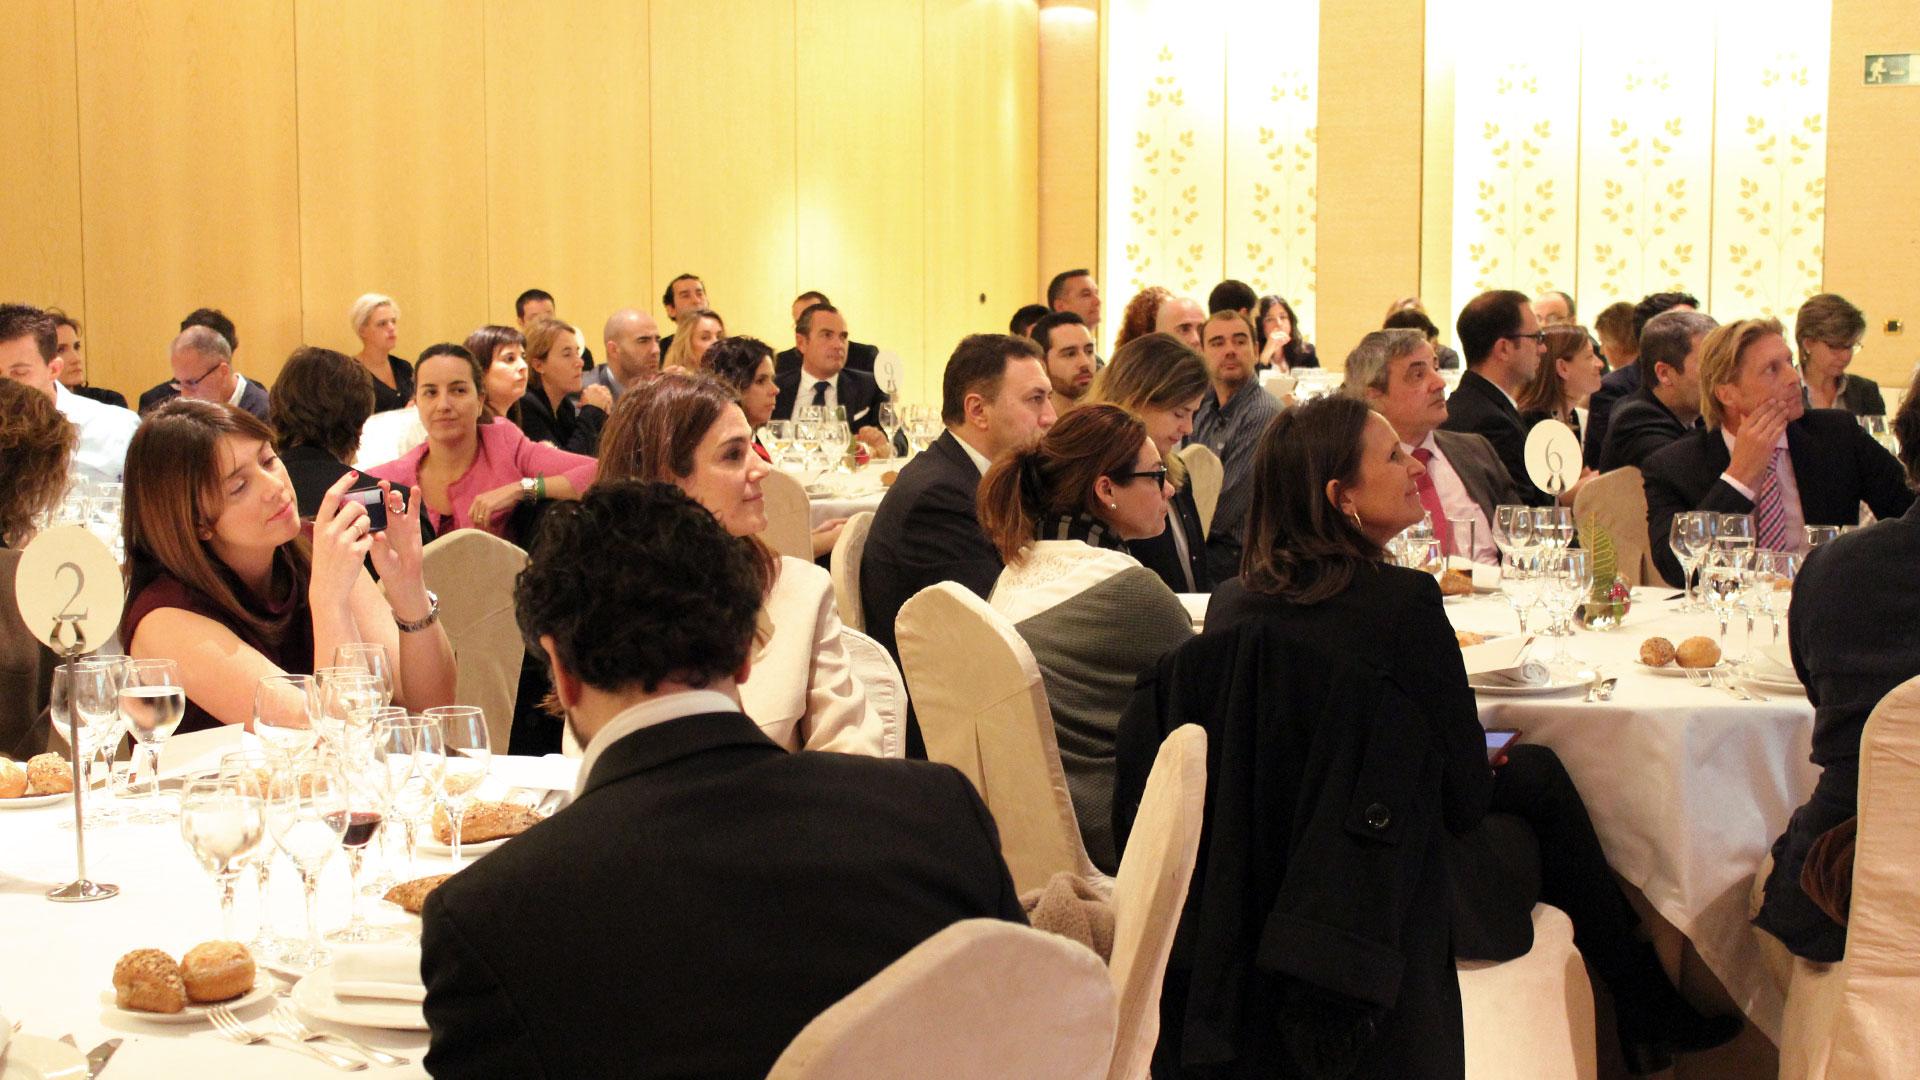 premios-mc2015-evento-comida-hotel-hesperia-asistentes-06